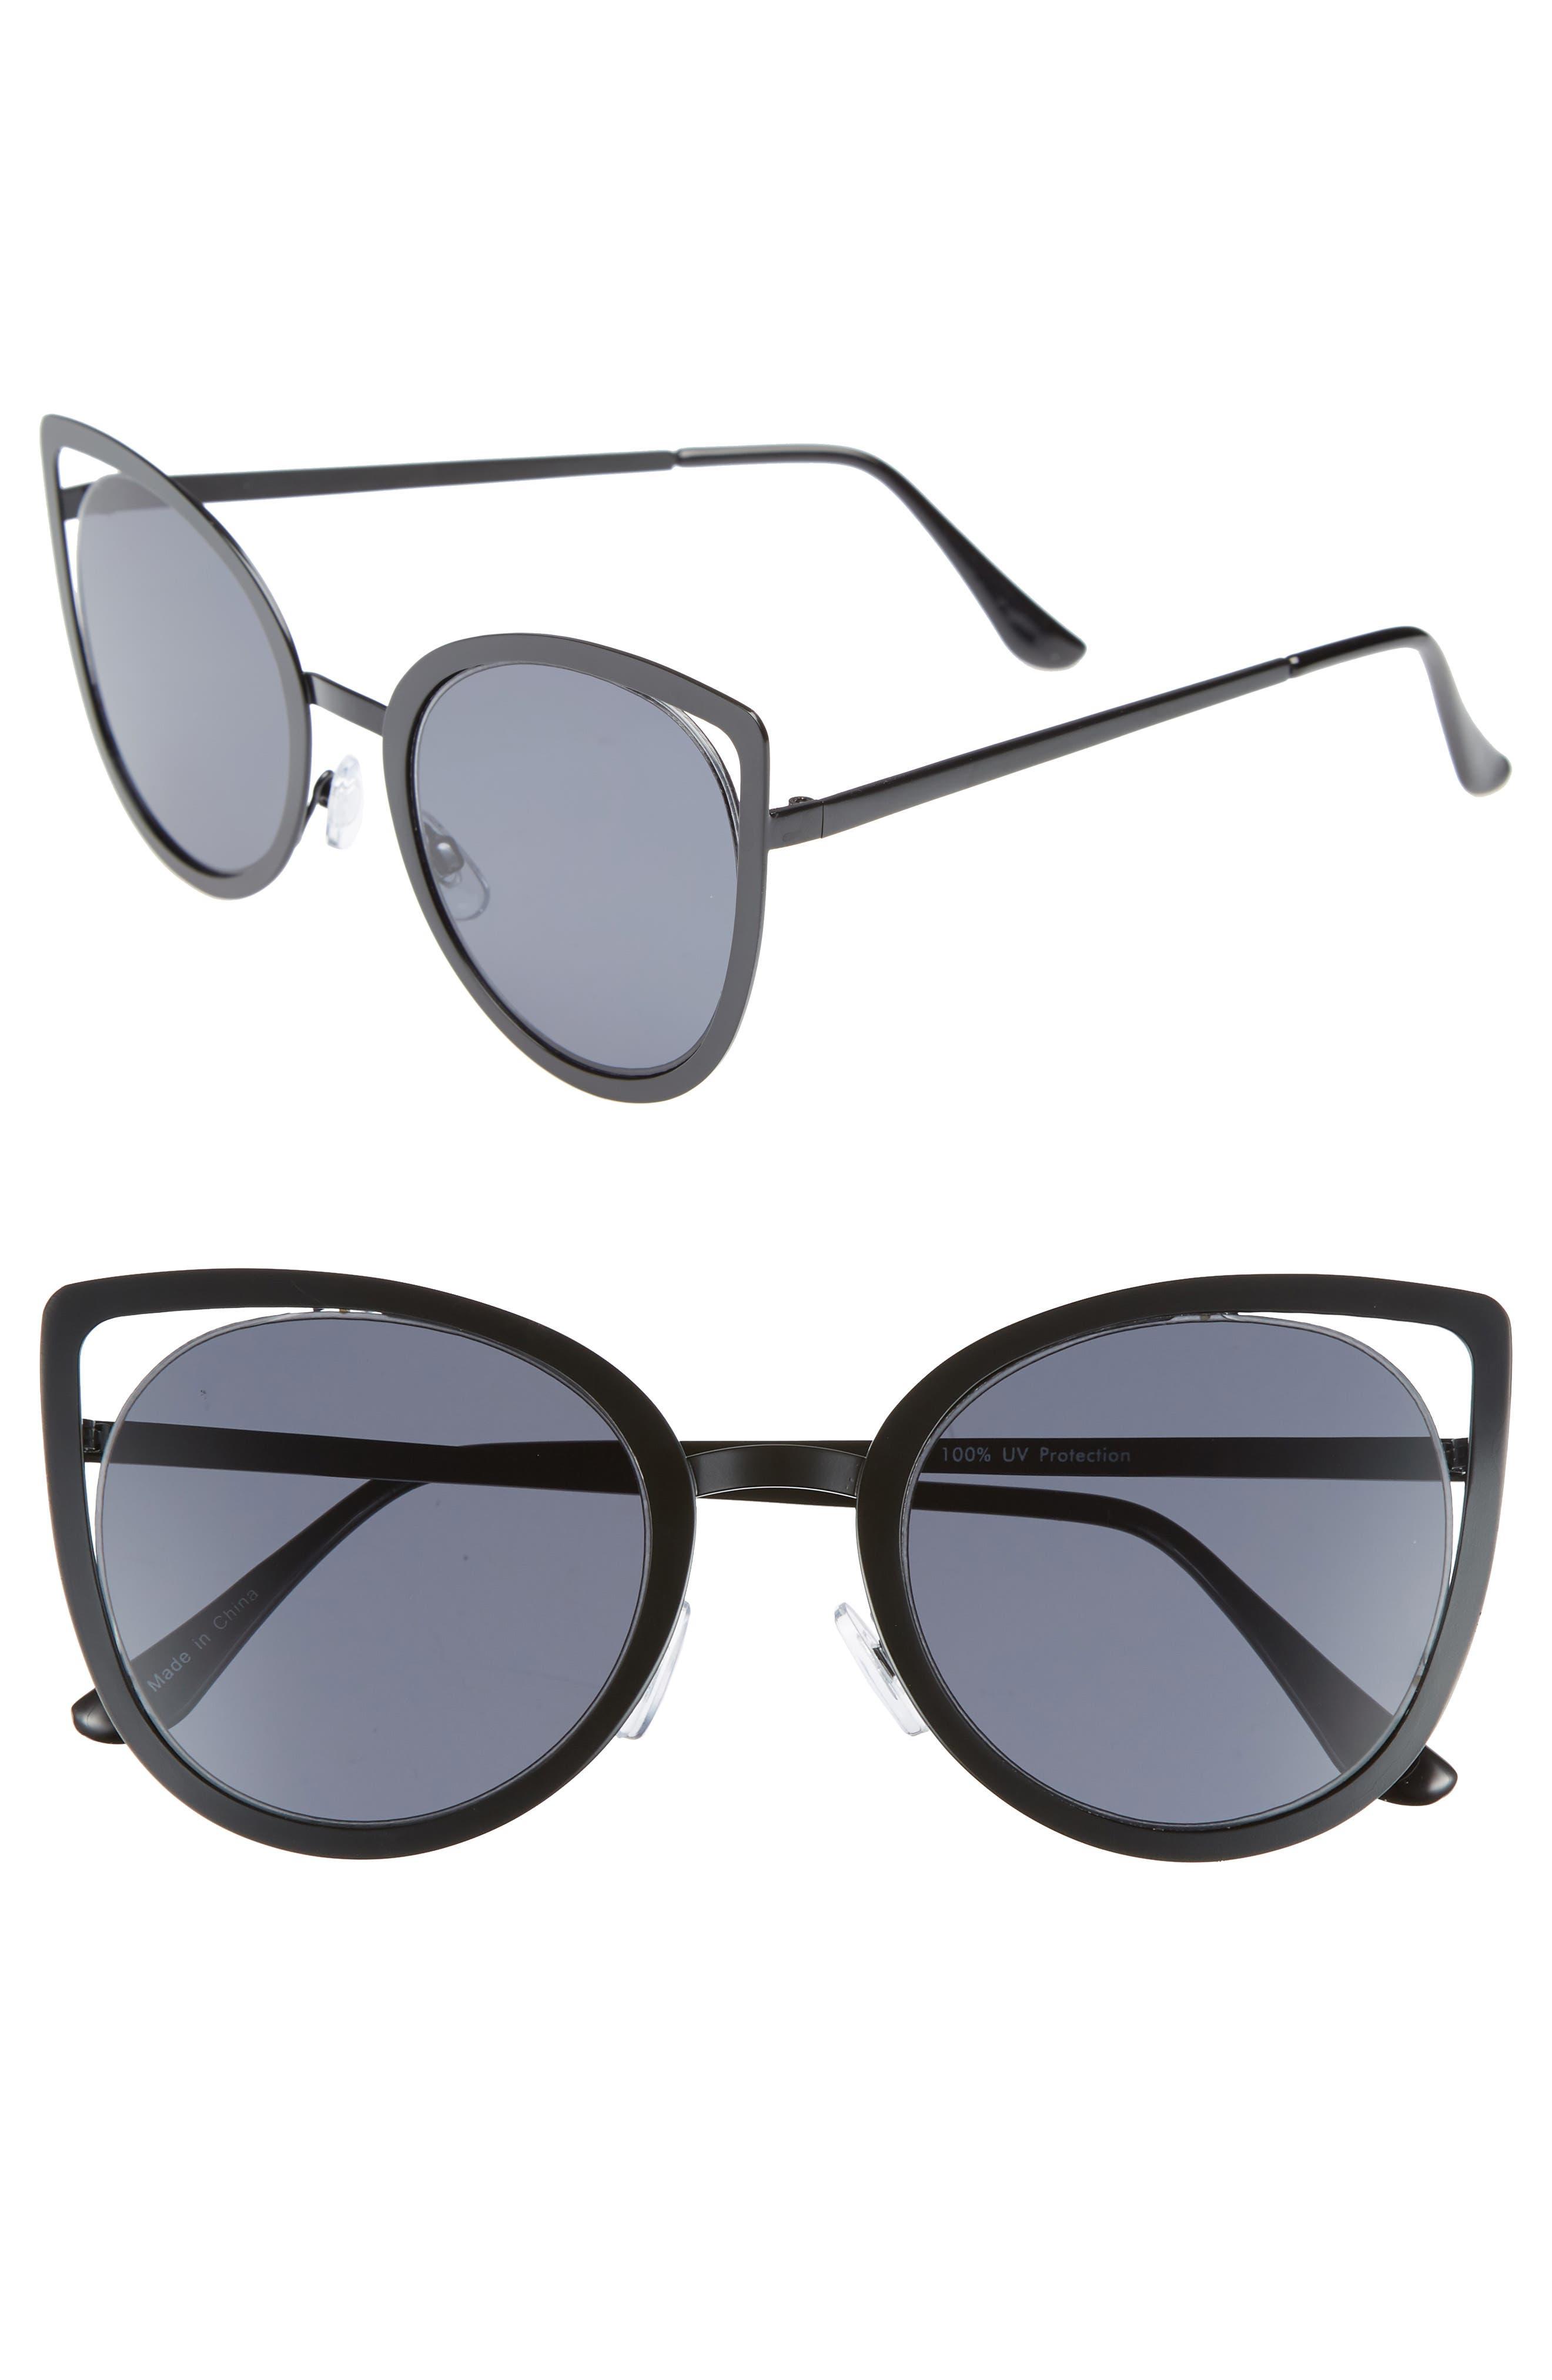 53mm Cutout Cat Eye Sunglasses,                             Main thumbnail 1, color,                             001